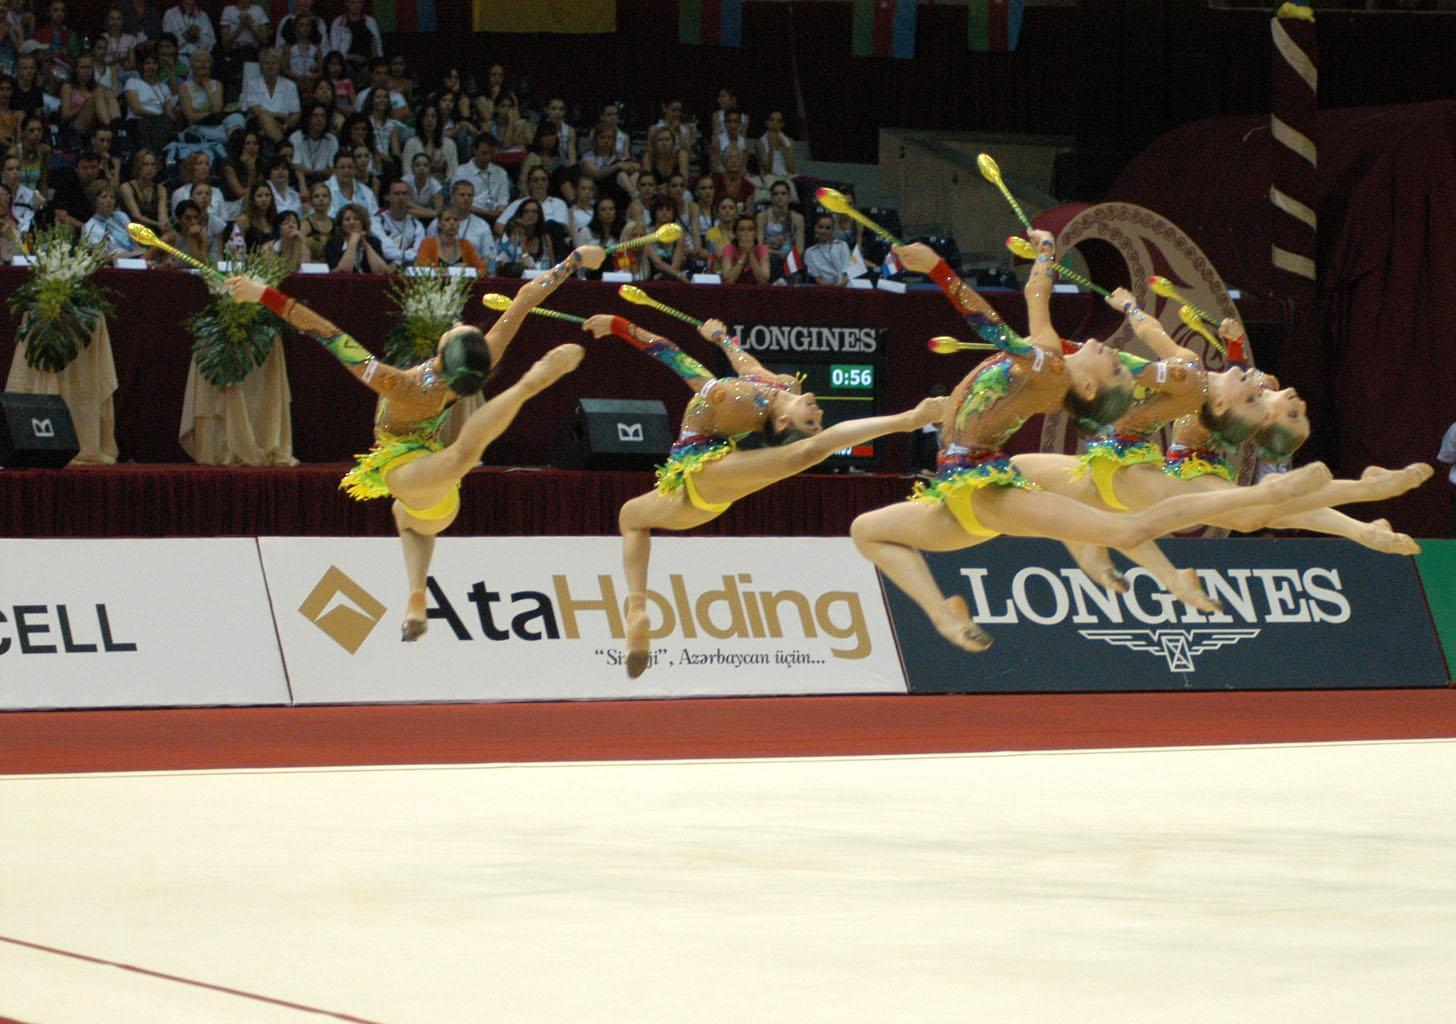 Gimnastika Kompleksinin təməli qoyuldu - Foto 2